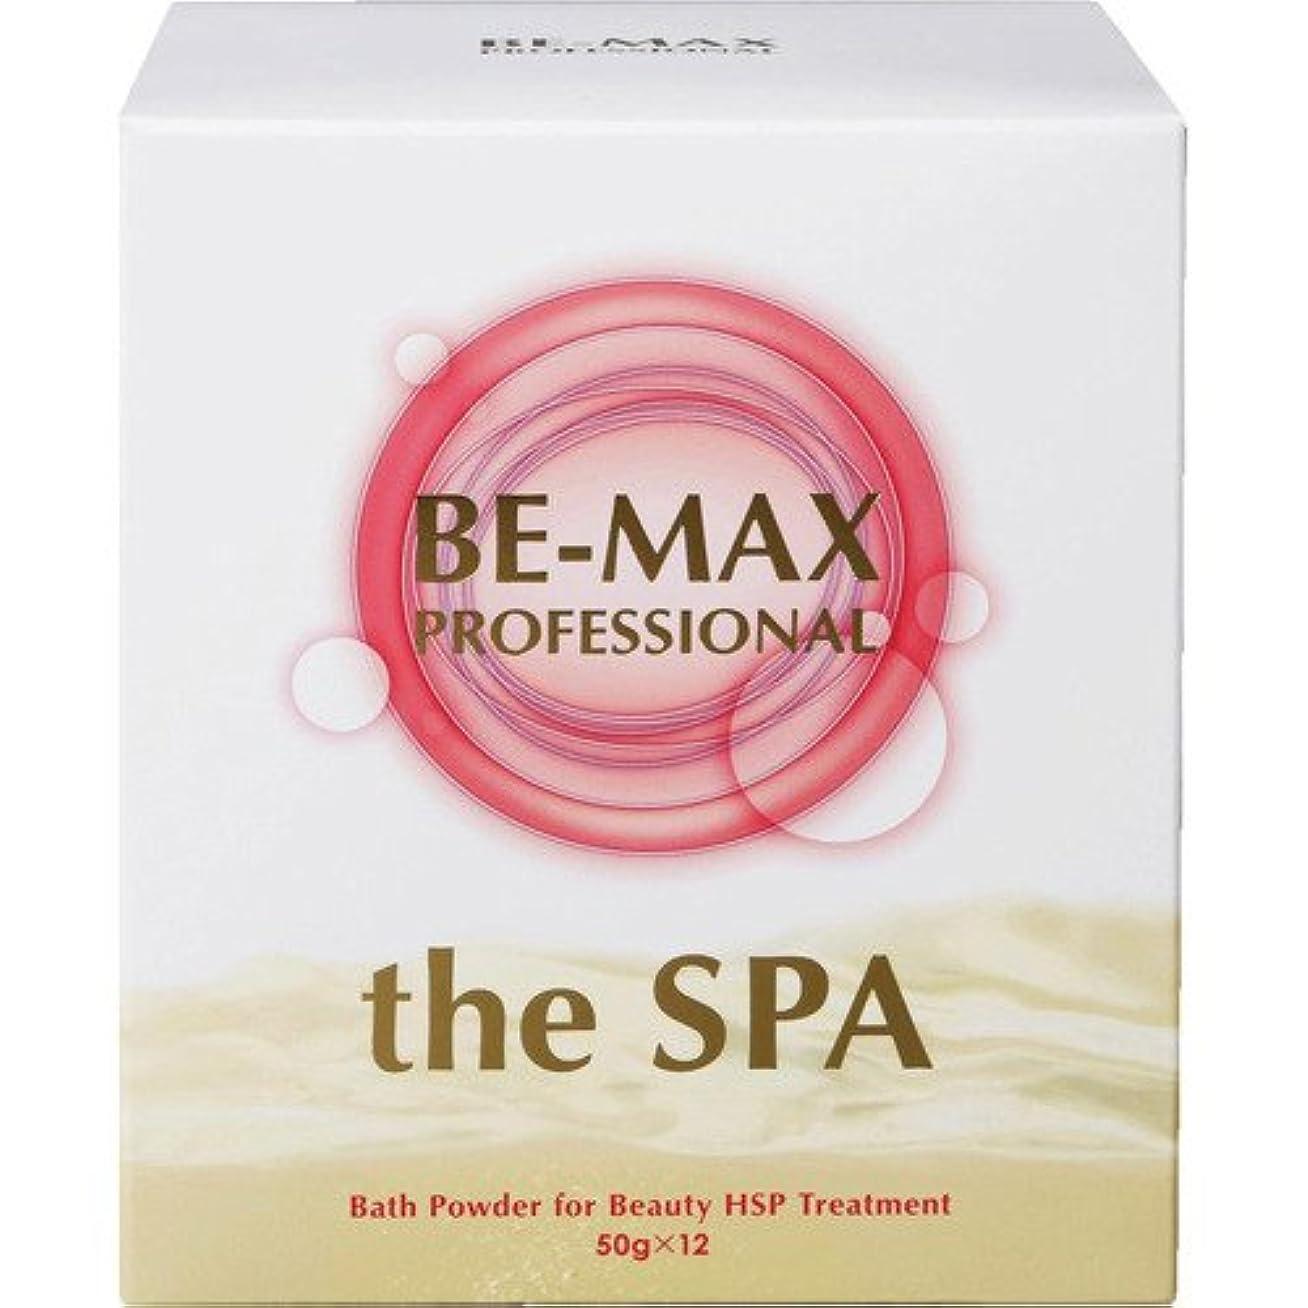 動かすフラップ耐えられるBE-MAX the SPA 入浴剤 柑橘系ハーブ精油がふわりと香る微炭酸湯